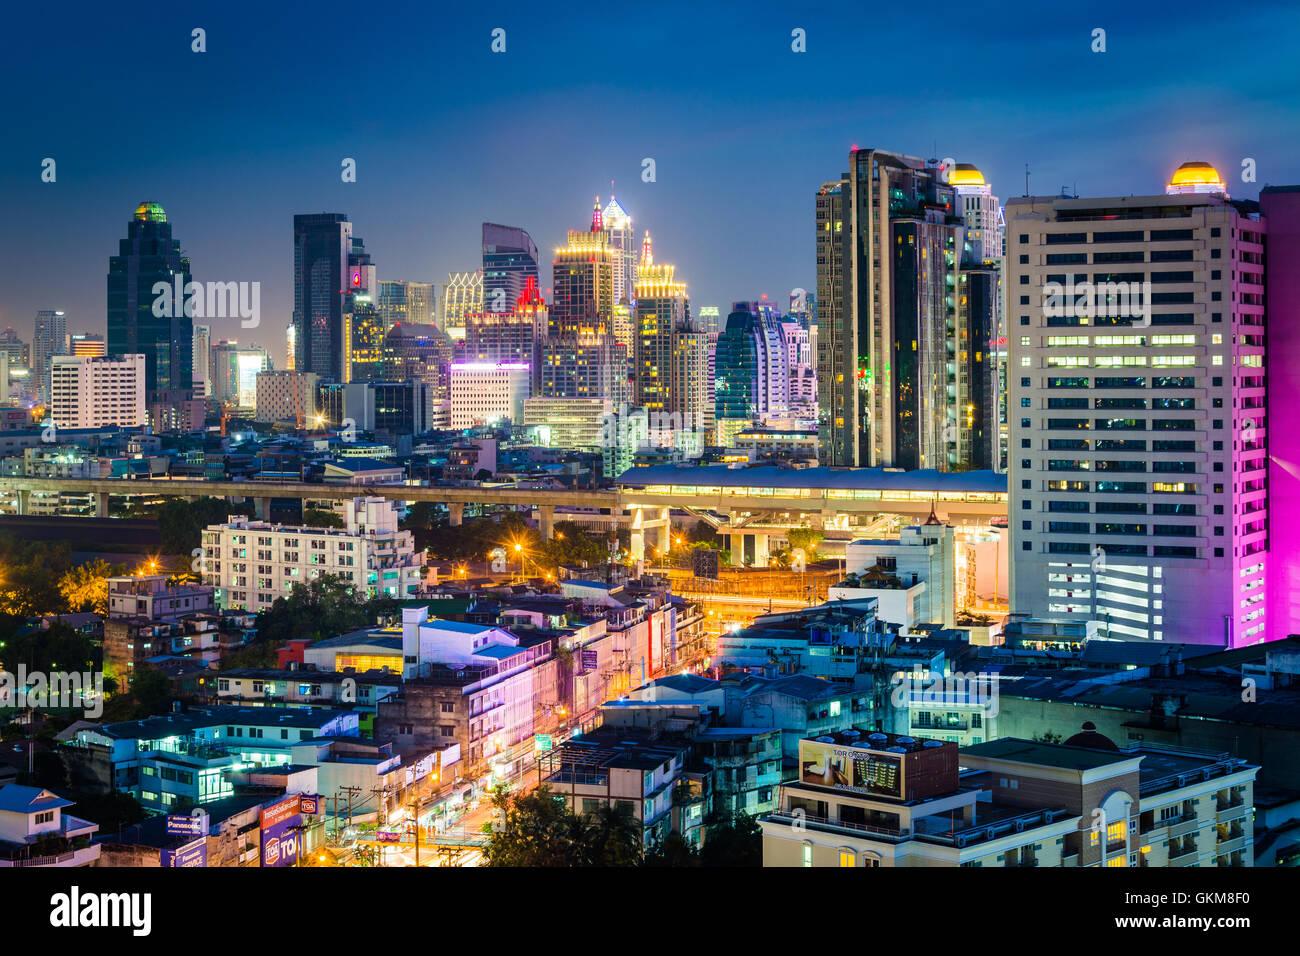 Vista di moderni grattacieli di notte a Bangkok, in Thailandia. Immagini Stock